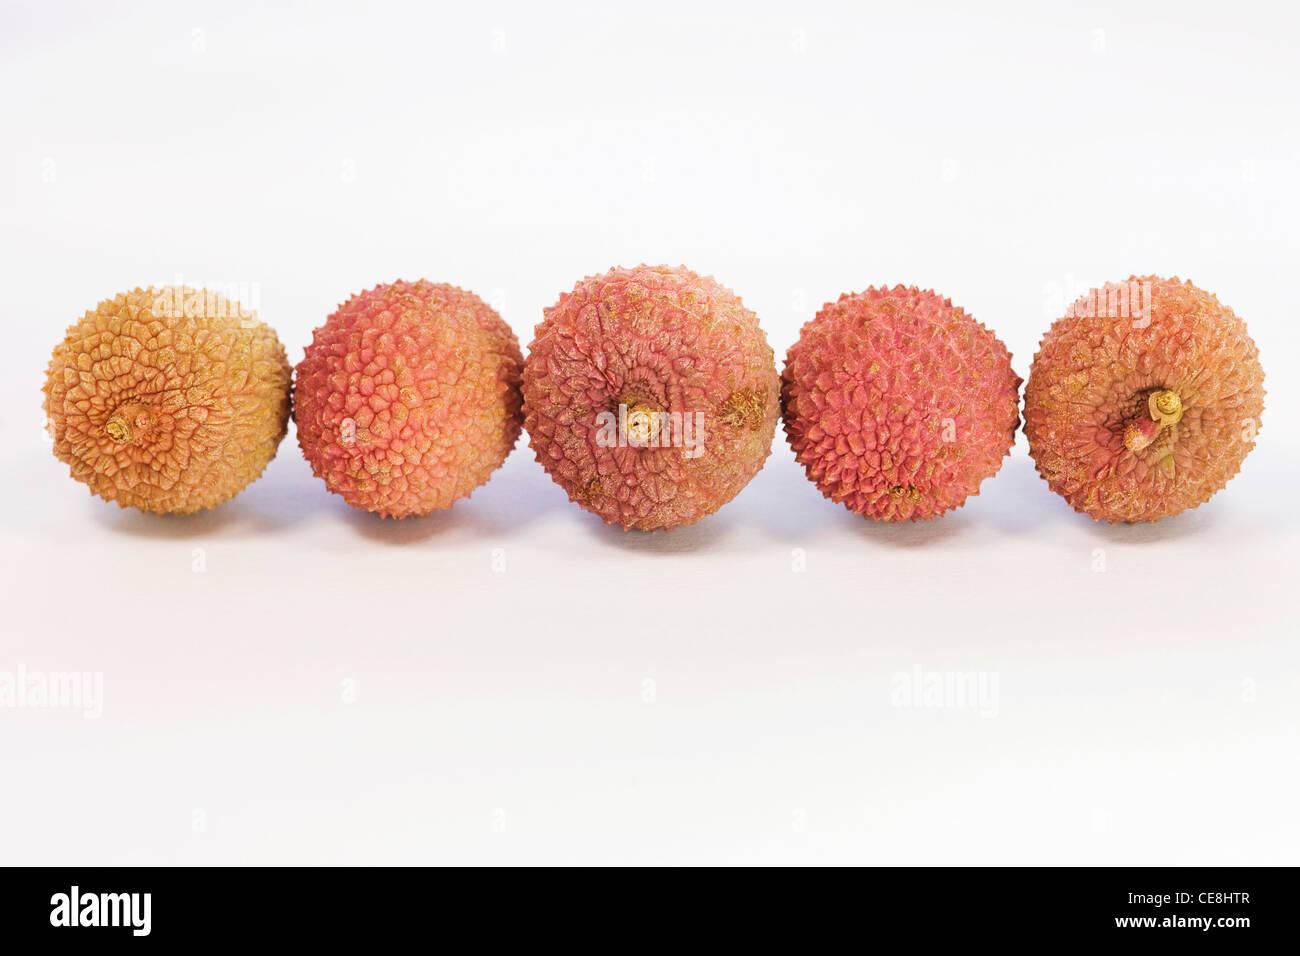 Litschi-Chinenesis. Lychee Früchte auf einem weißen Hintergrund. Stockbild